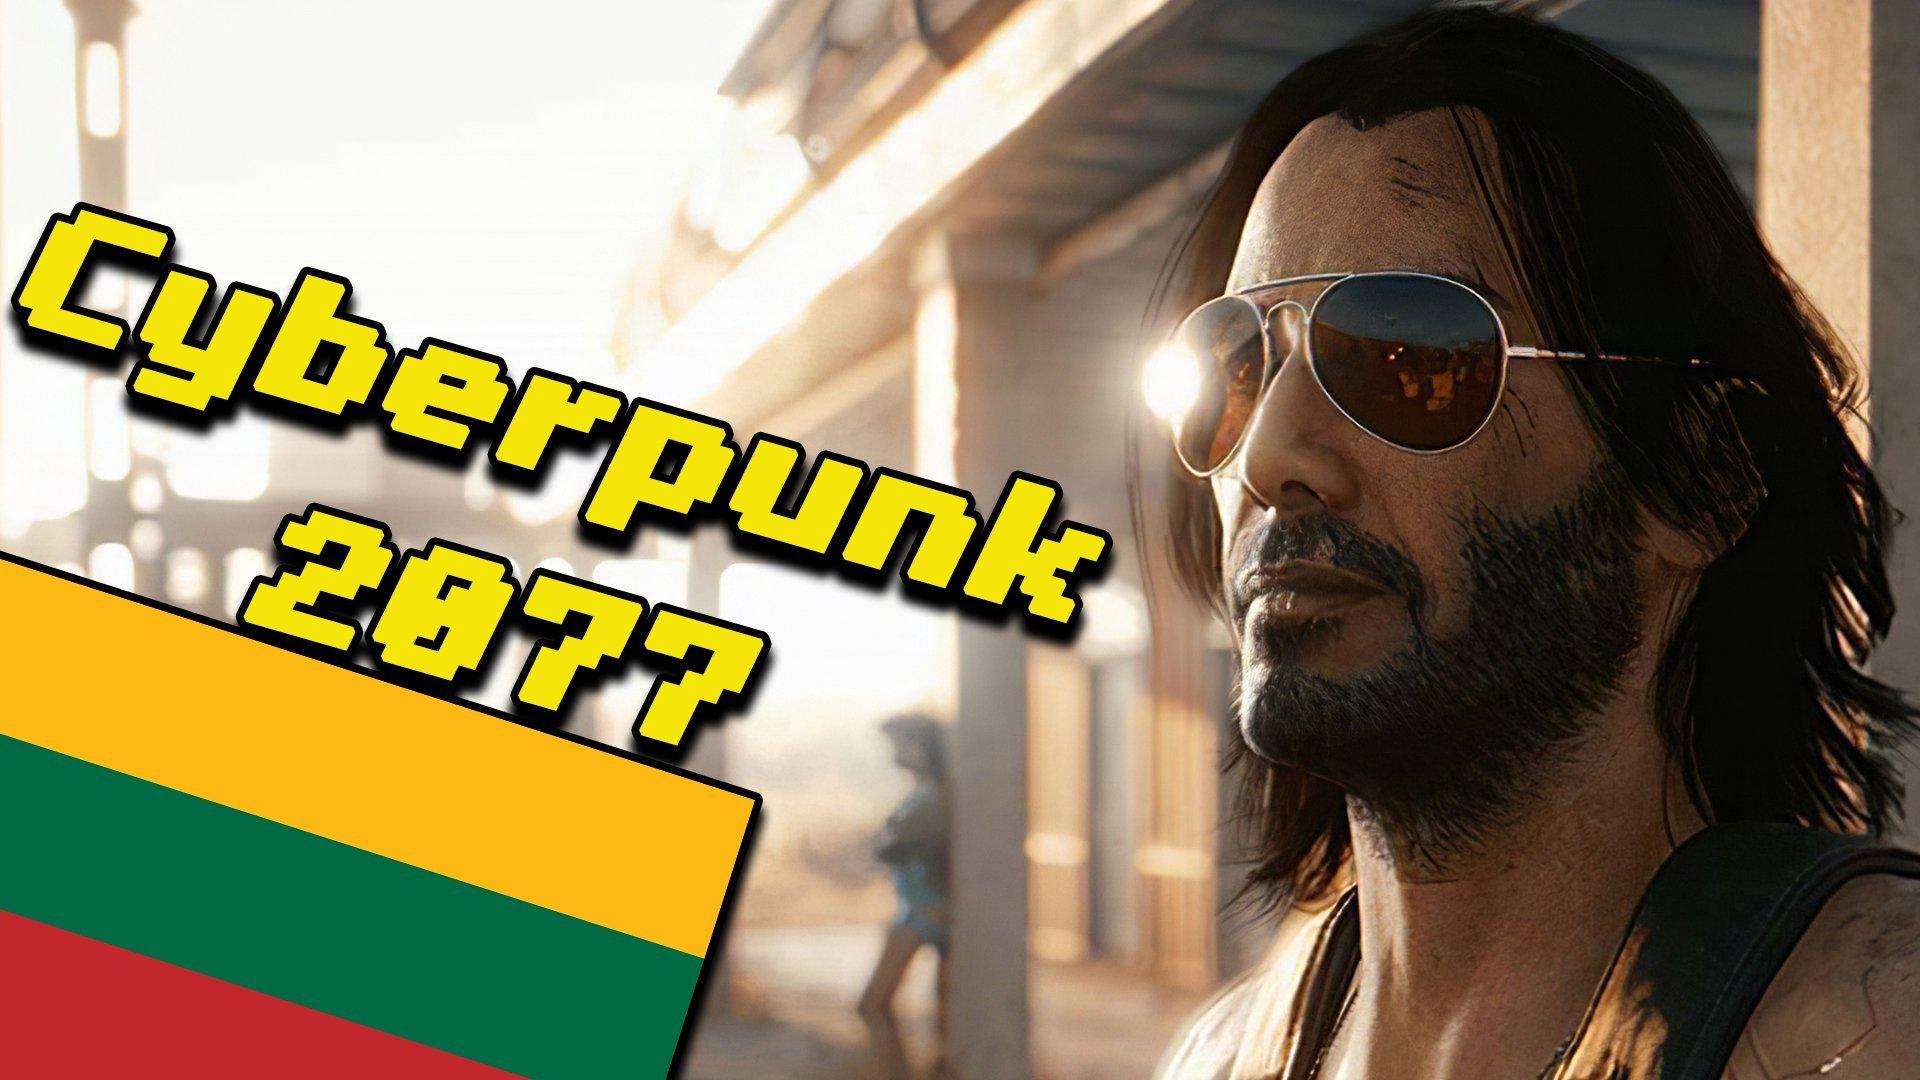 Cyberpunk 2077 - kodėl nereikia preorderinti žaidimų